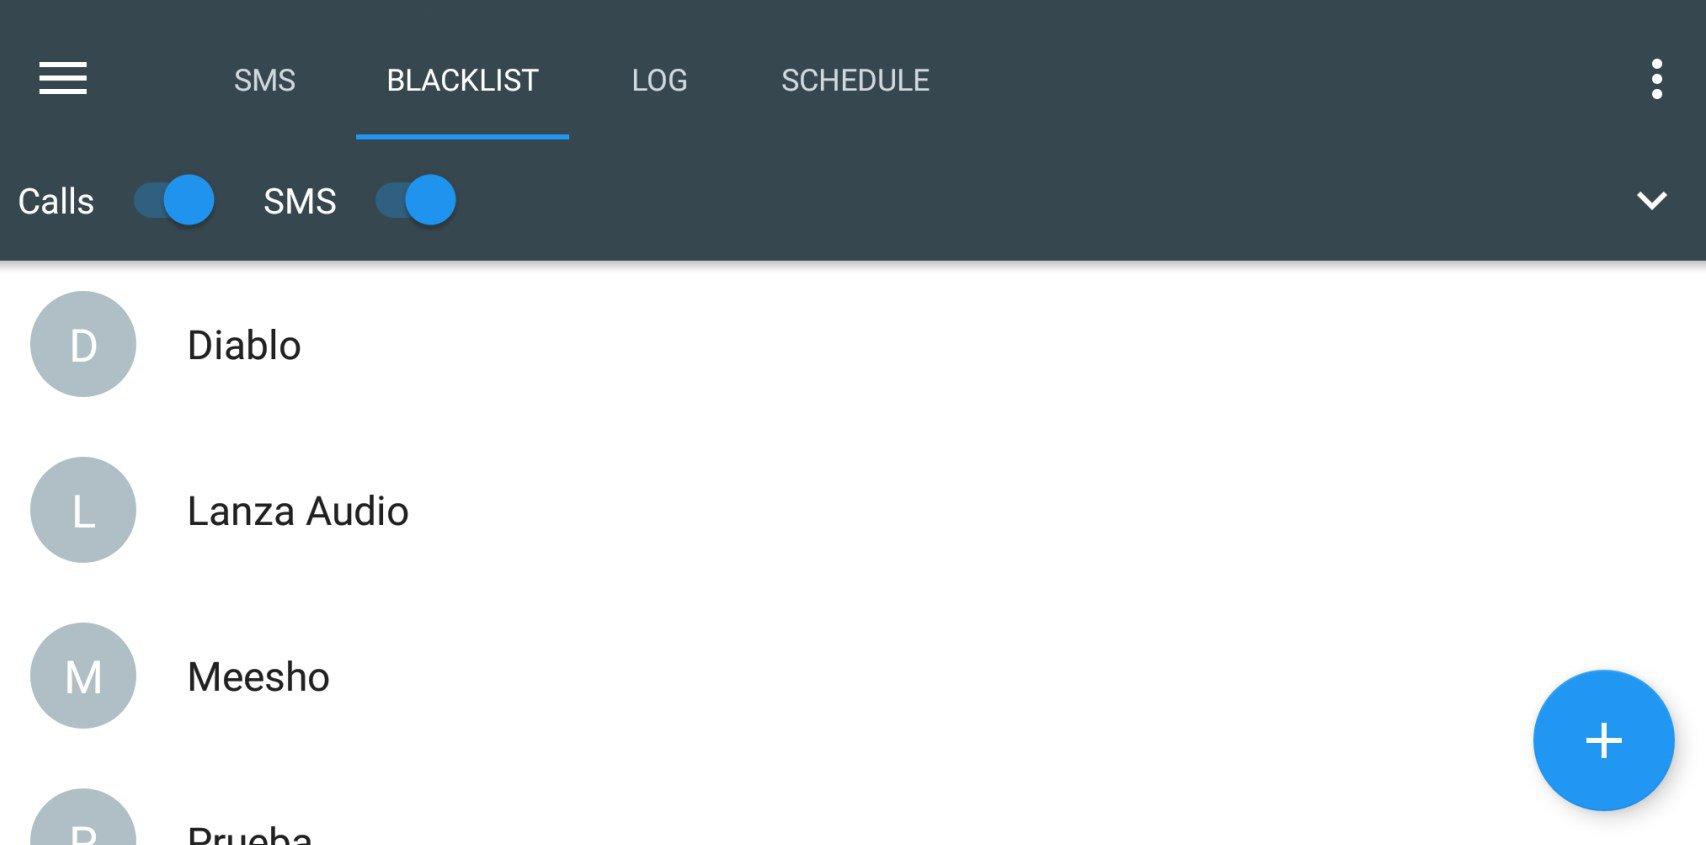 Jika-sudah-berhasil-dipasang-buka-aplikasi-tersebut-dan-tap-pada-ikon-untuk-memilih-kontak-yang-akan-diblokir